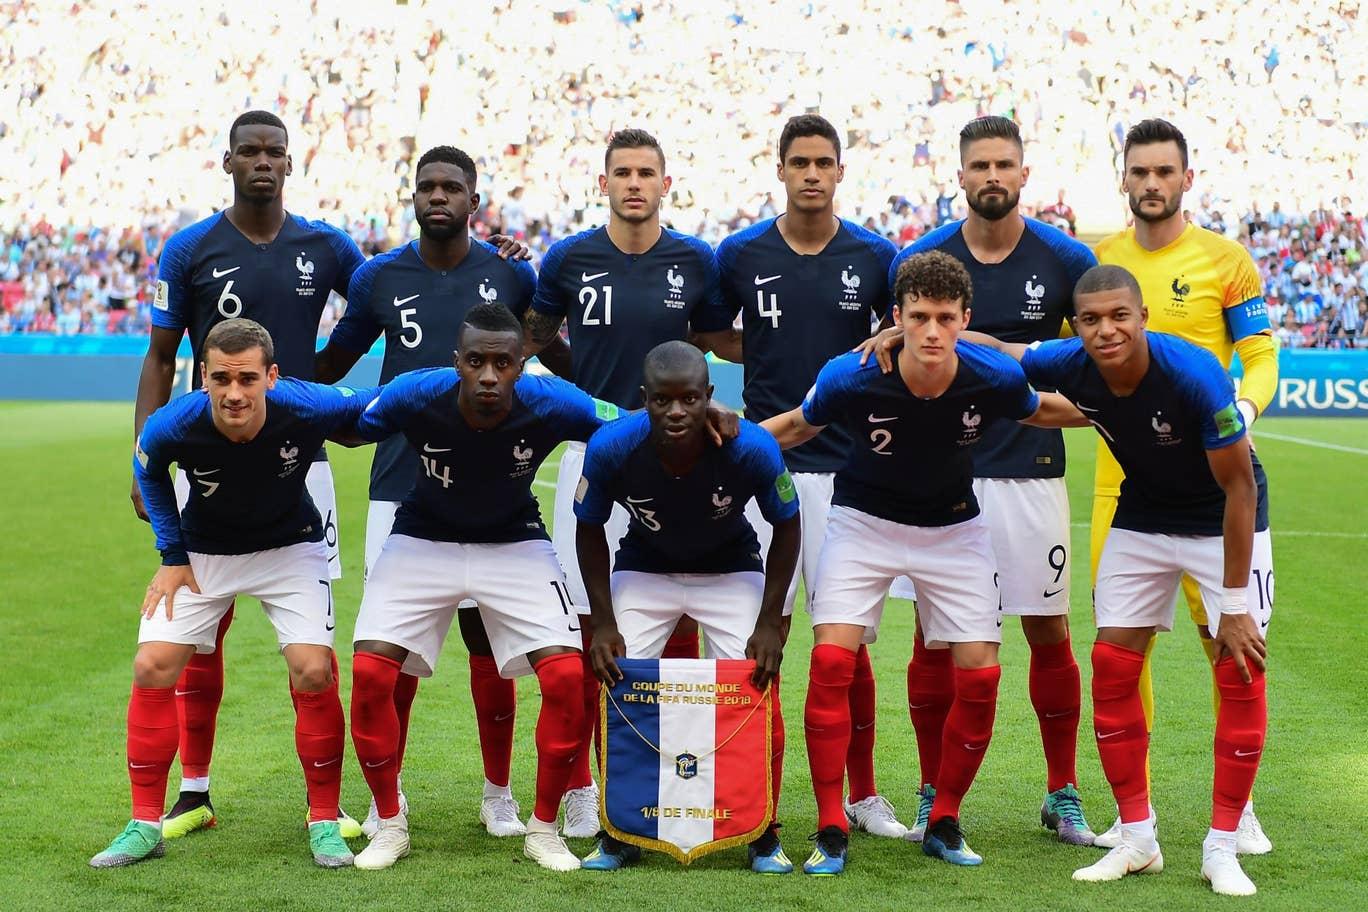 Франция - Бельгия. Анонс и прогноз матча - изображение 3